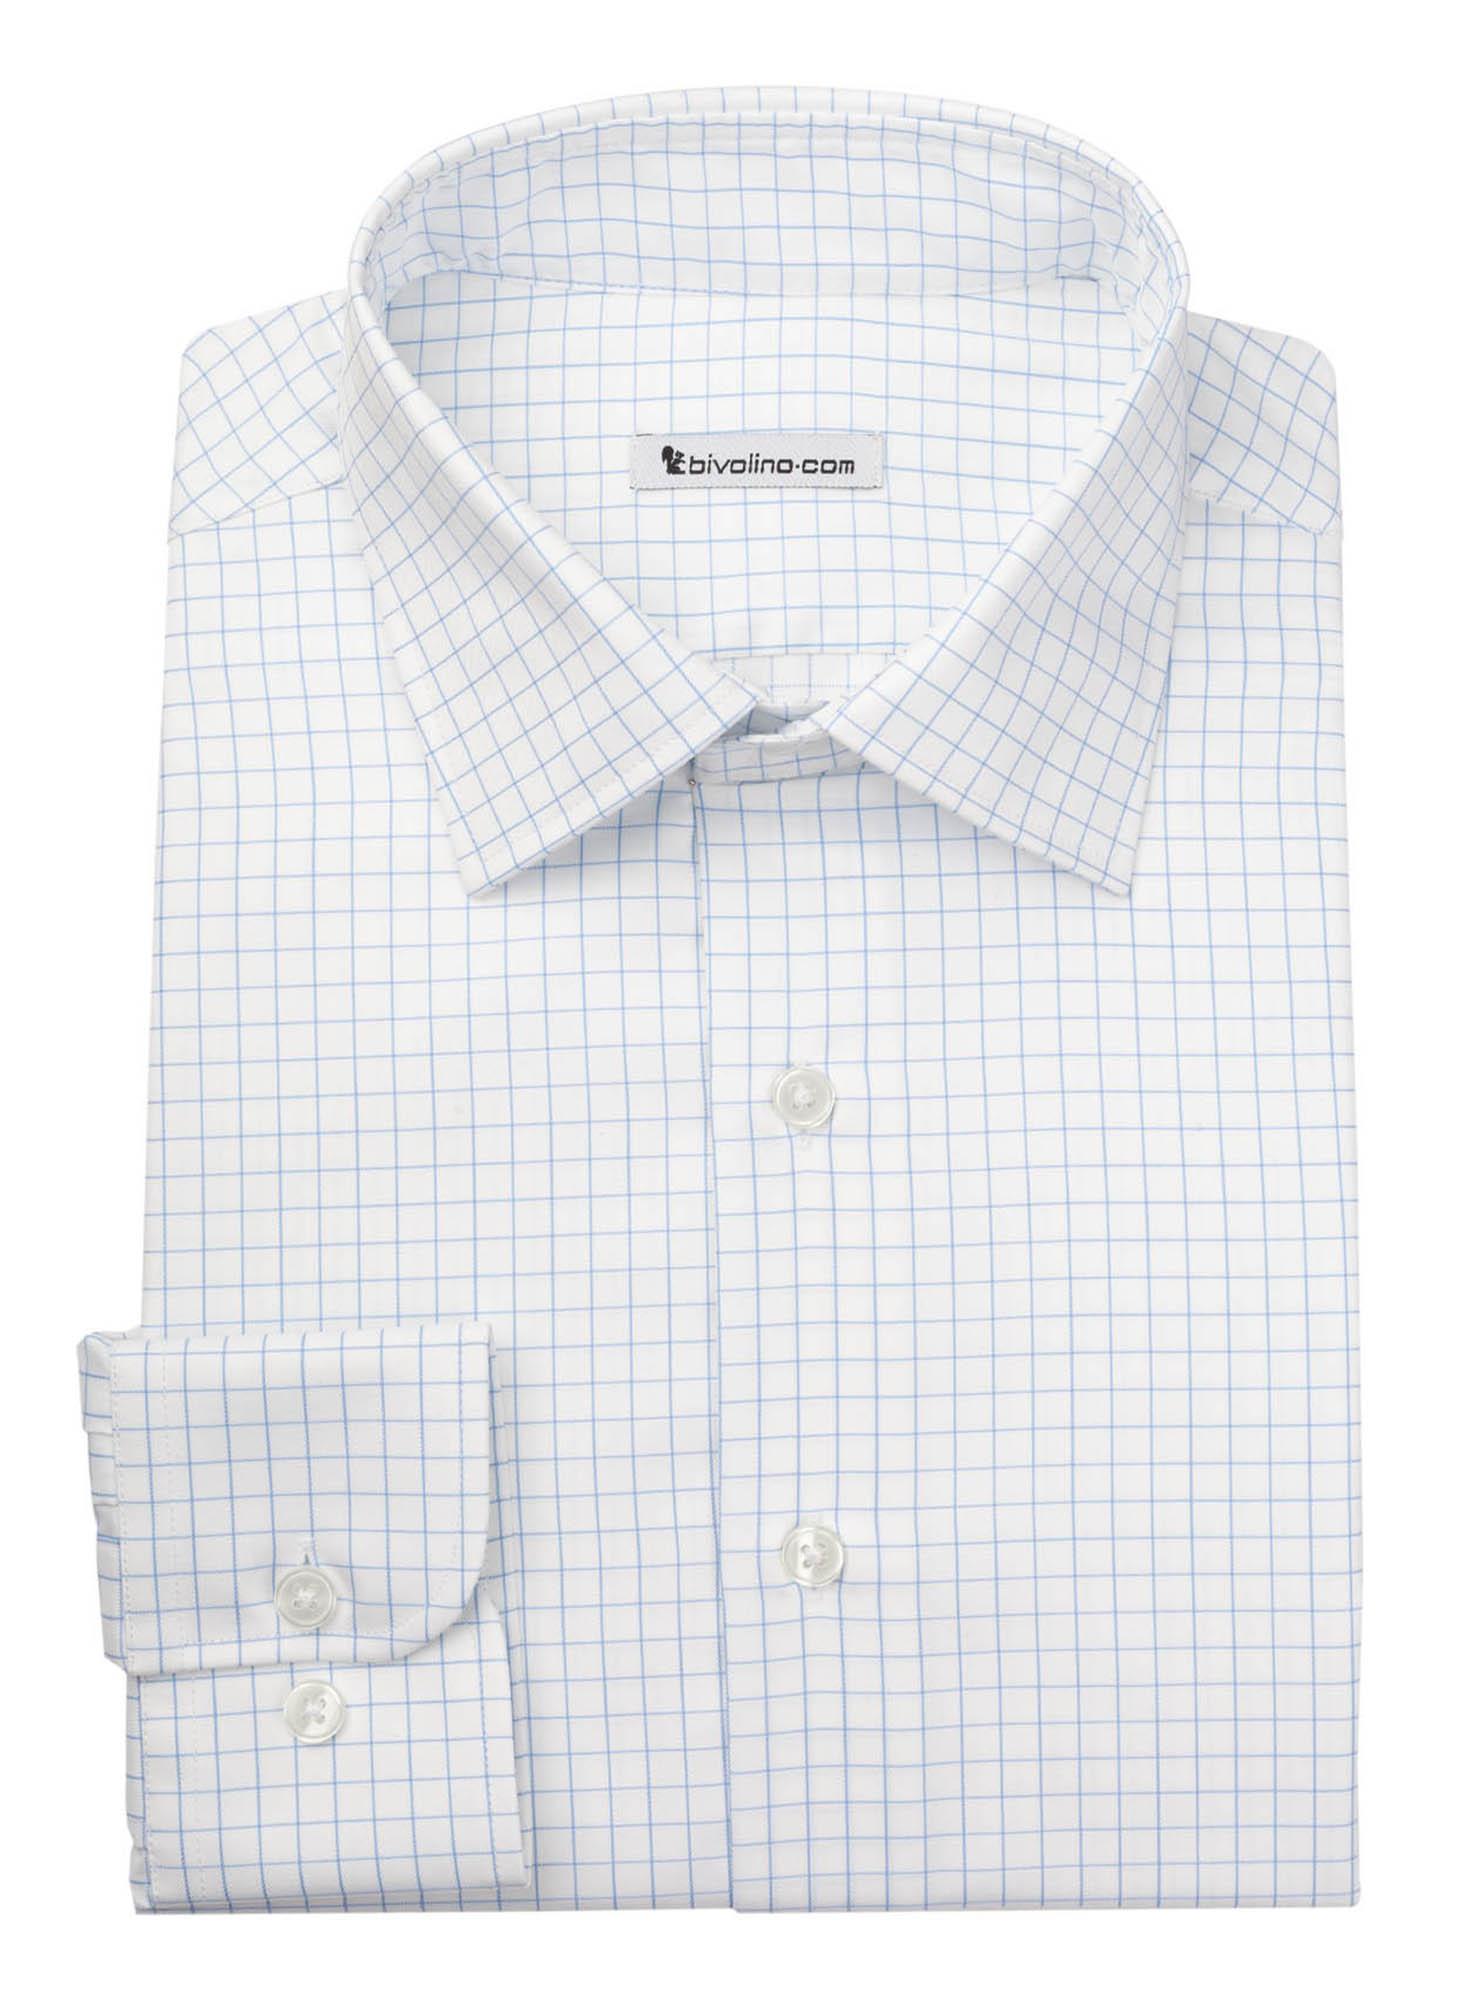 MACANNO - chemise homme coton double retors - DARCI 4